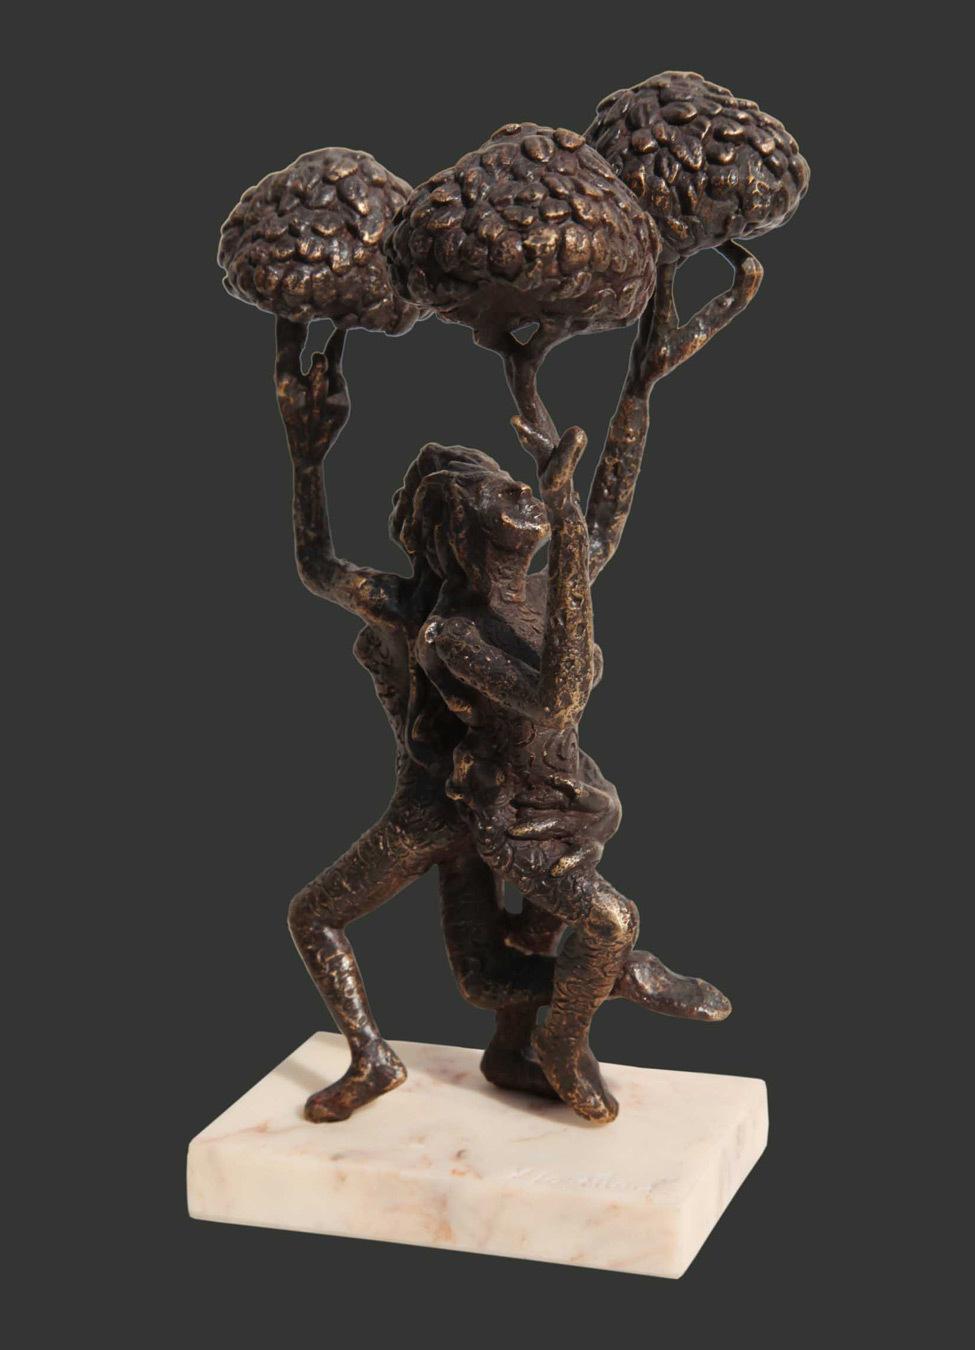 H8.5xl5.5xw4.5''inches bronze sculpture 2018 a420d